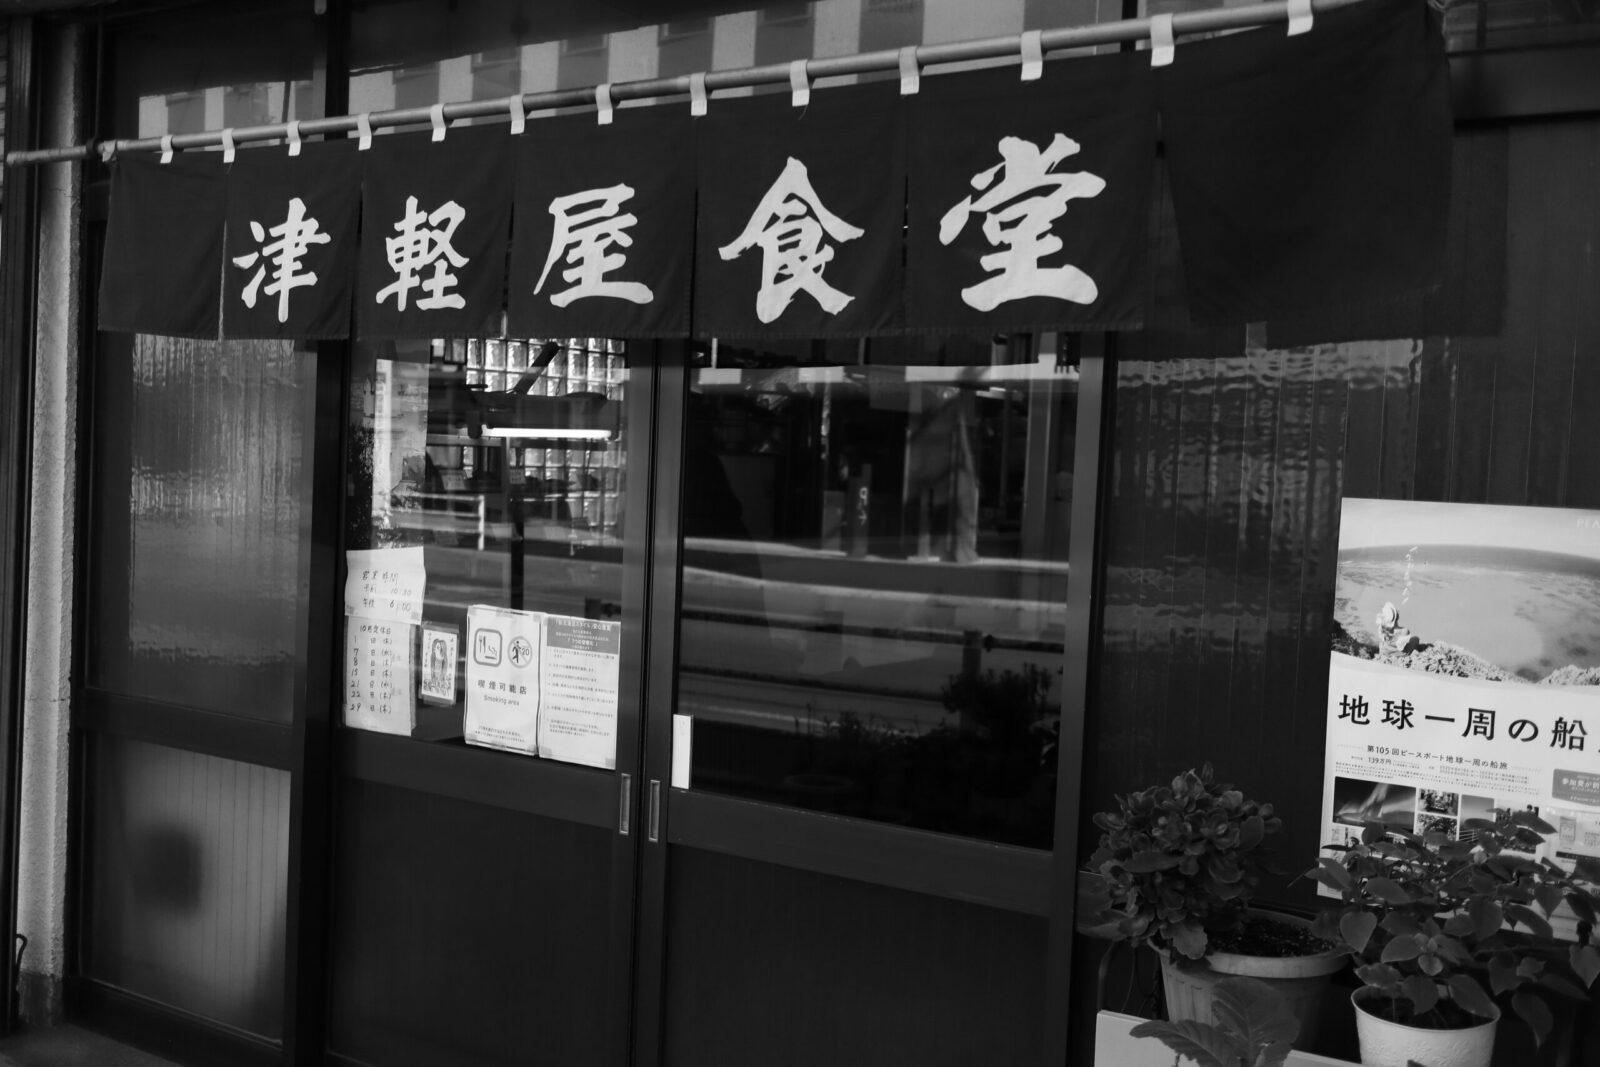 「昔ながらの素朴な味 JR函館駅目下津軽屋食堂に行ってみた」のアイキャッチ画像